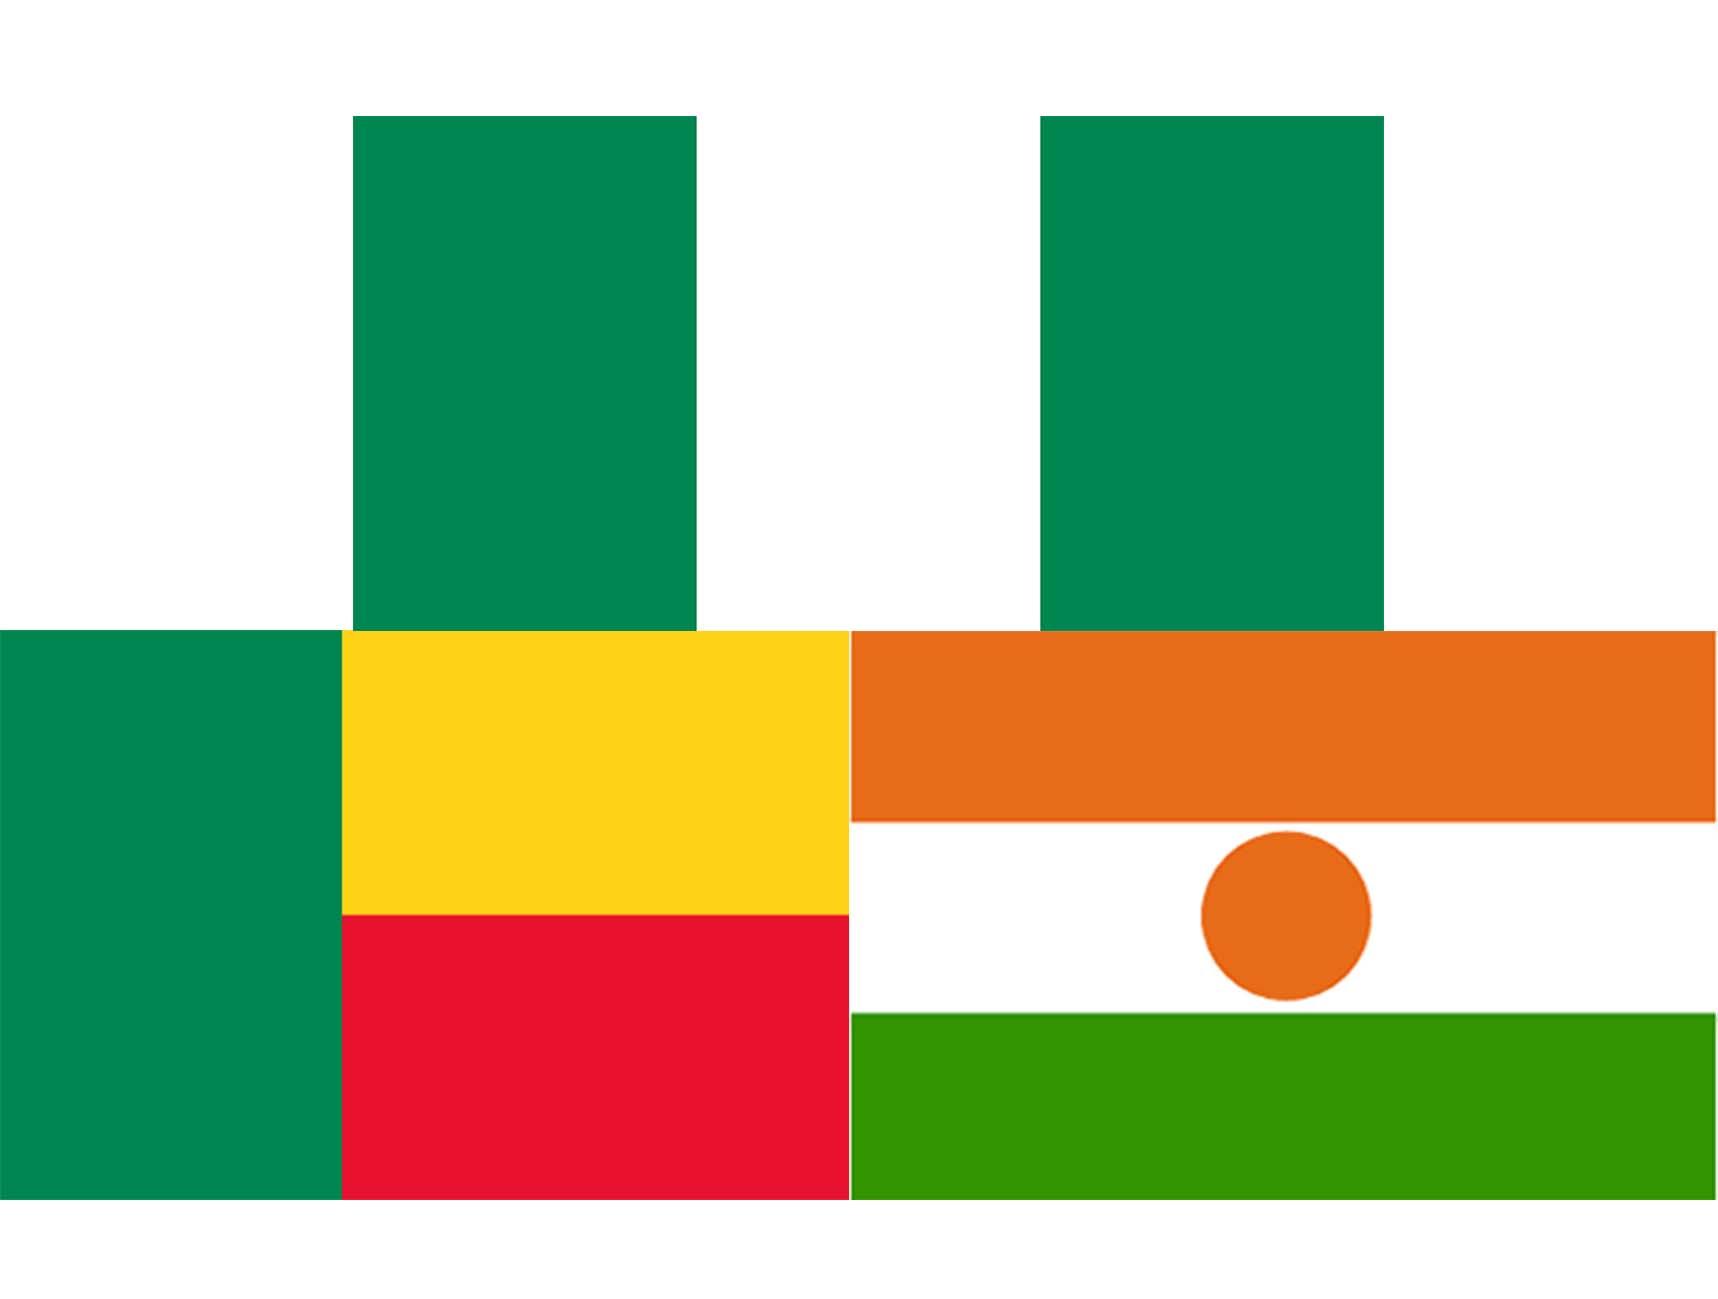 Le géant africain maintient la fermeture de ses frontières